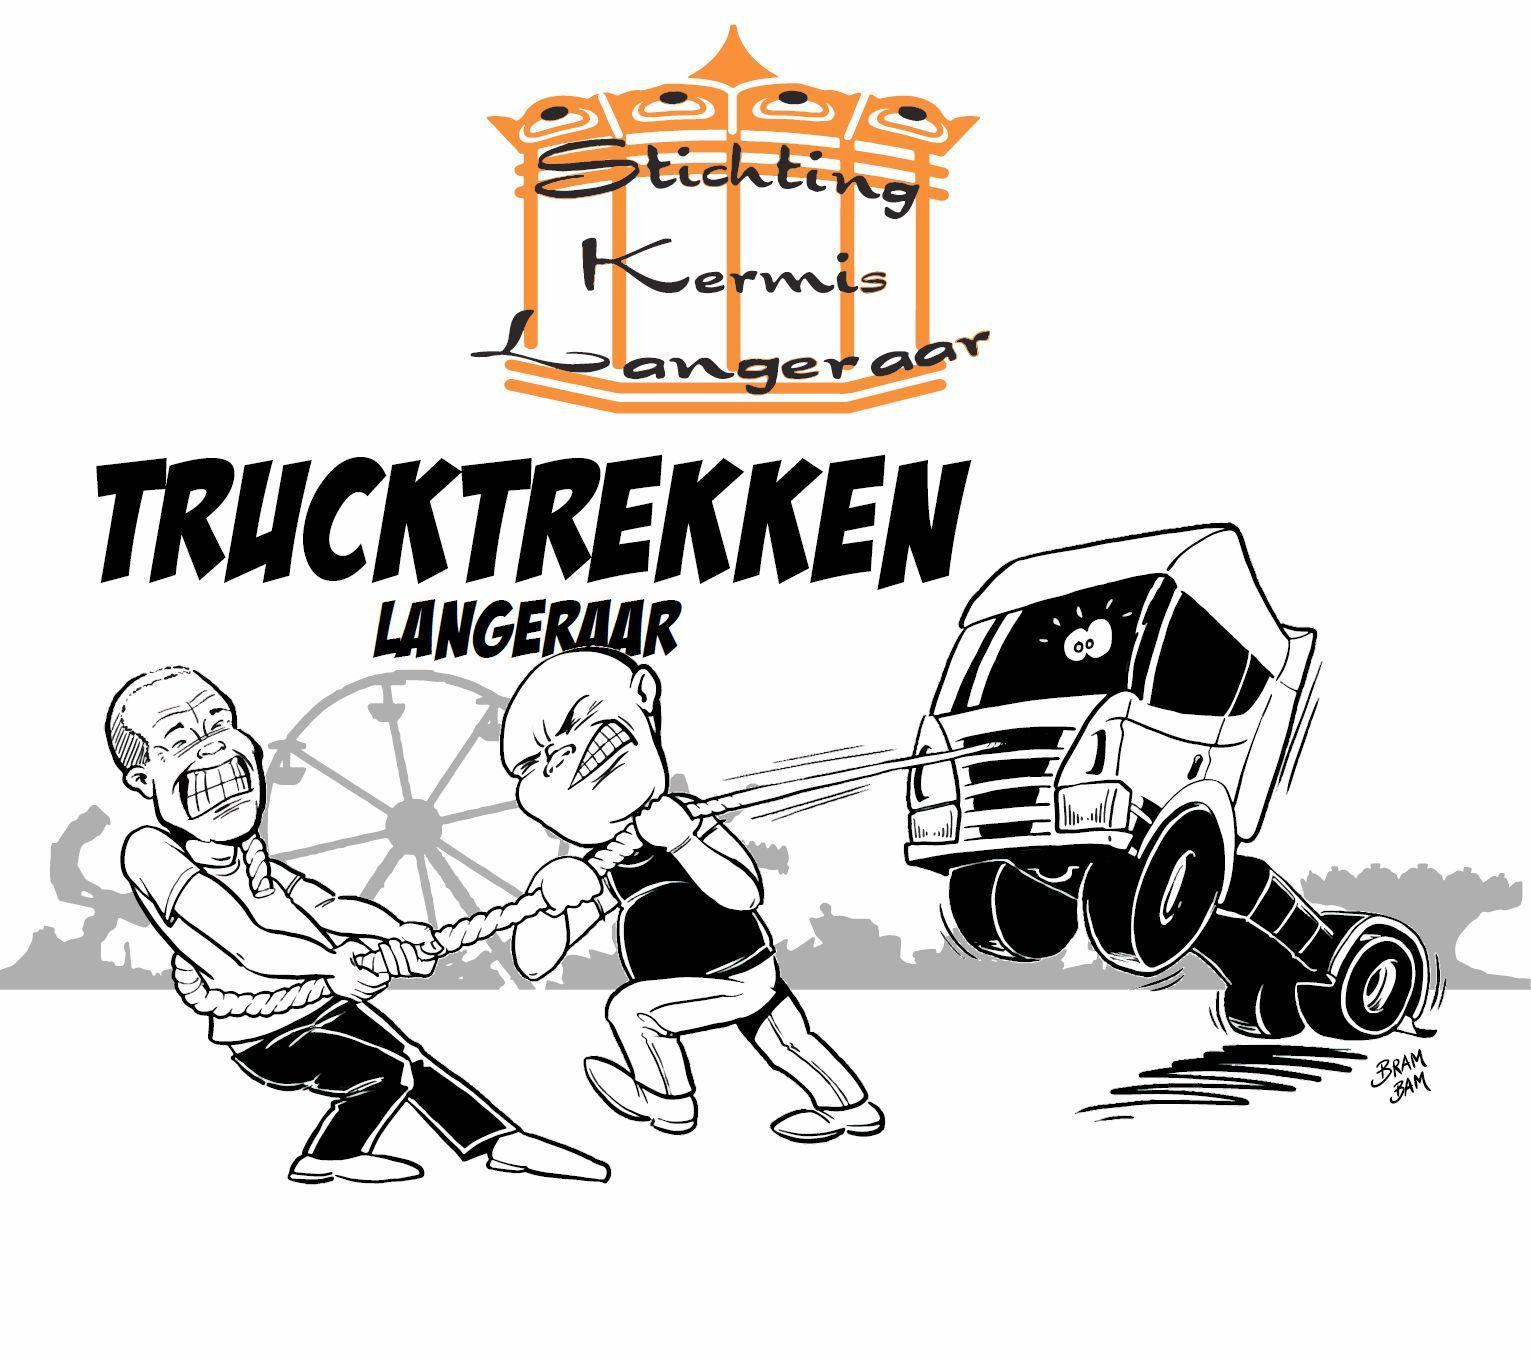 trucktrekken